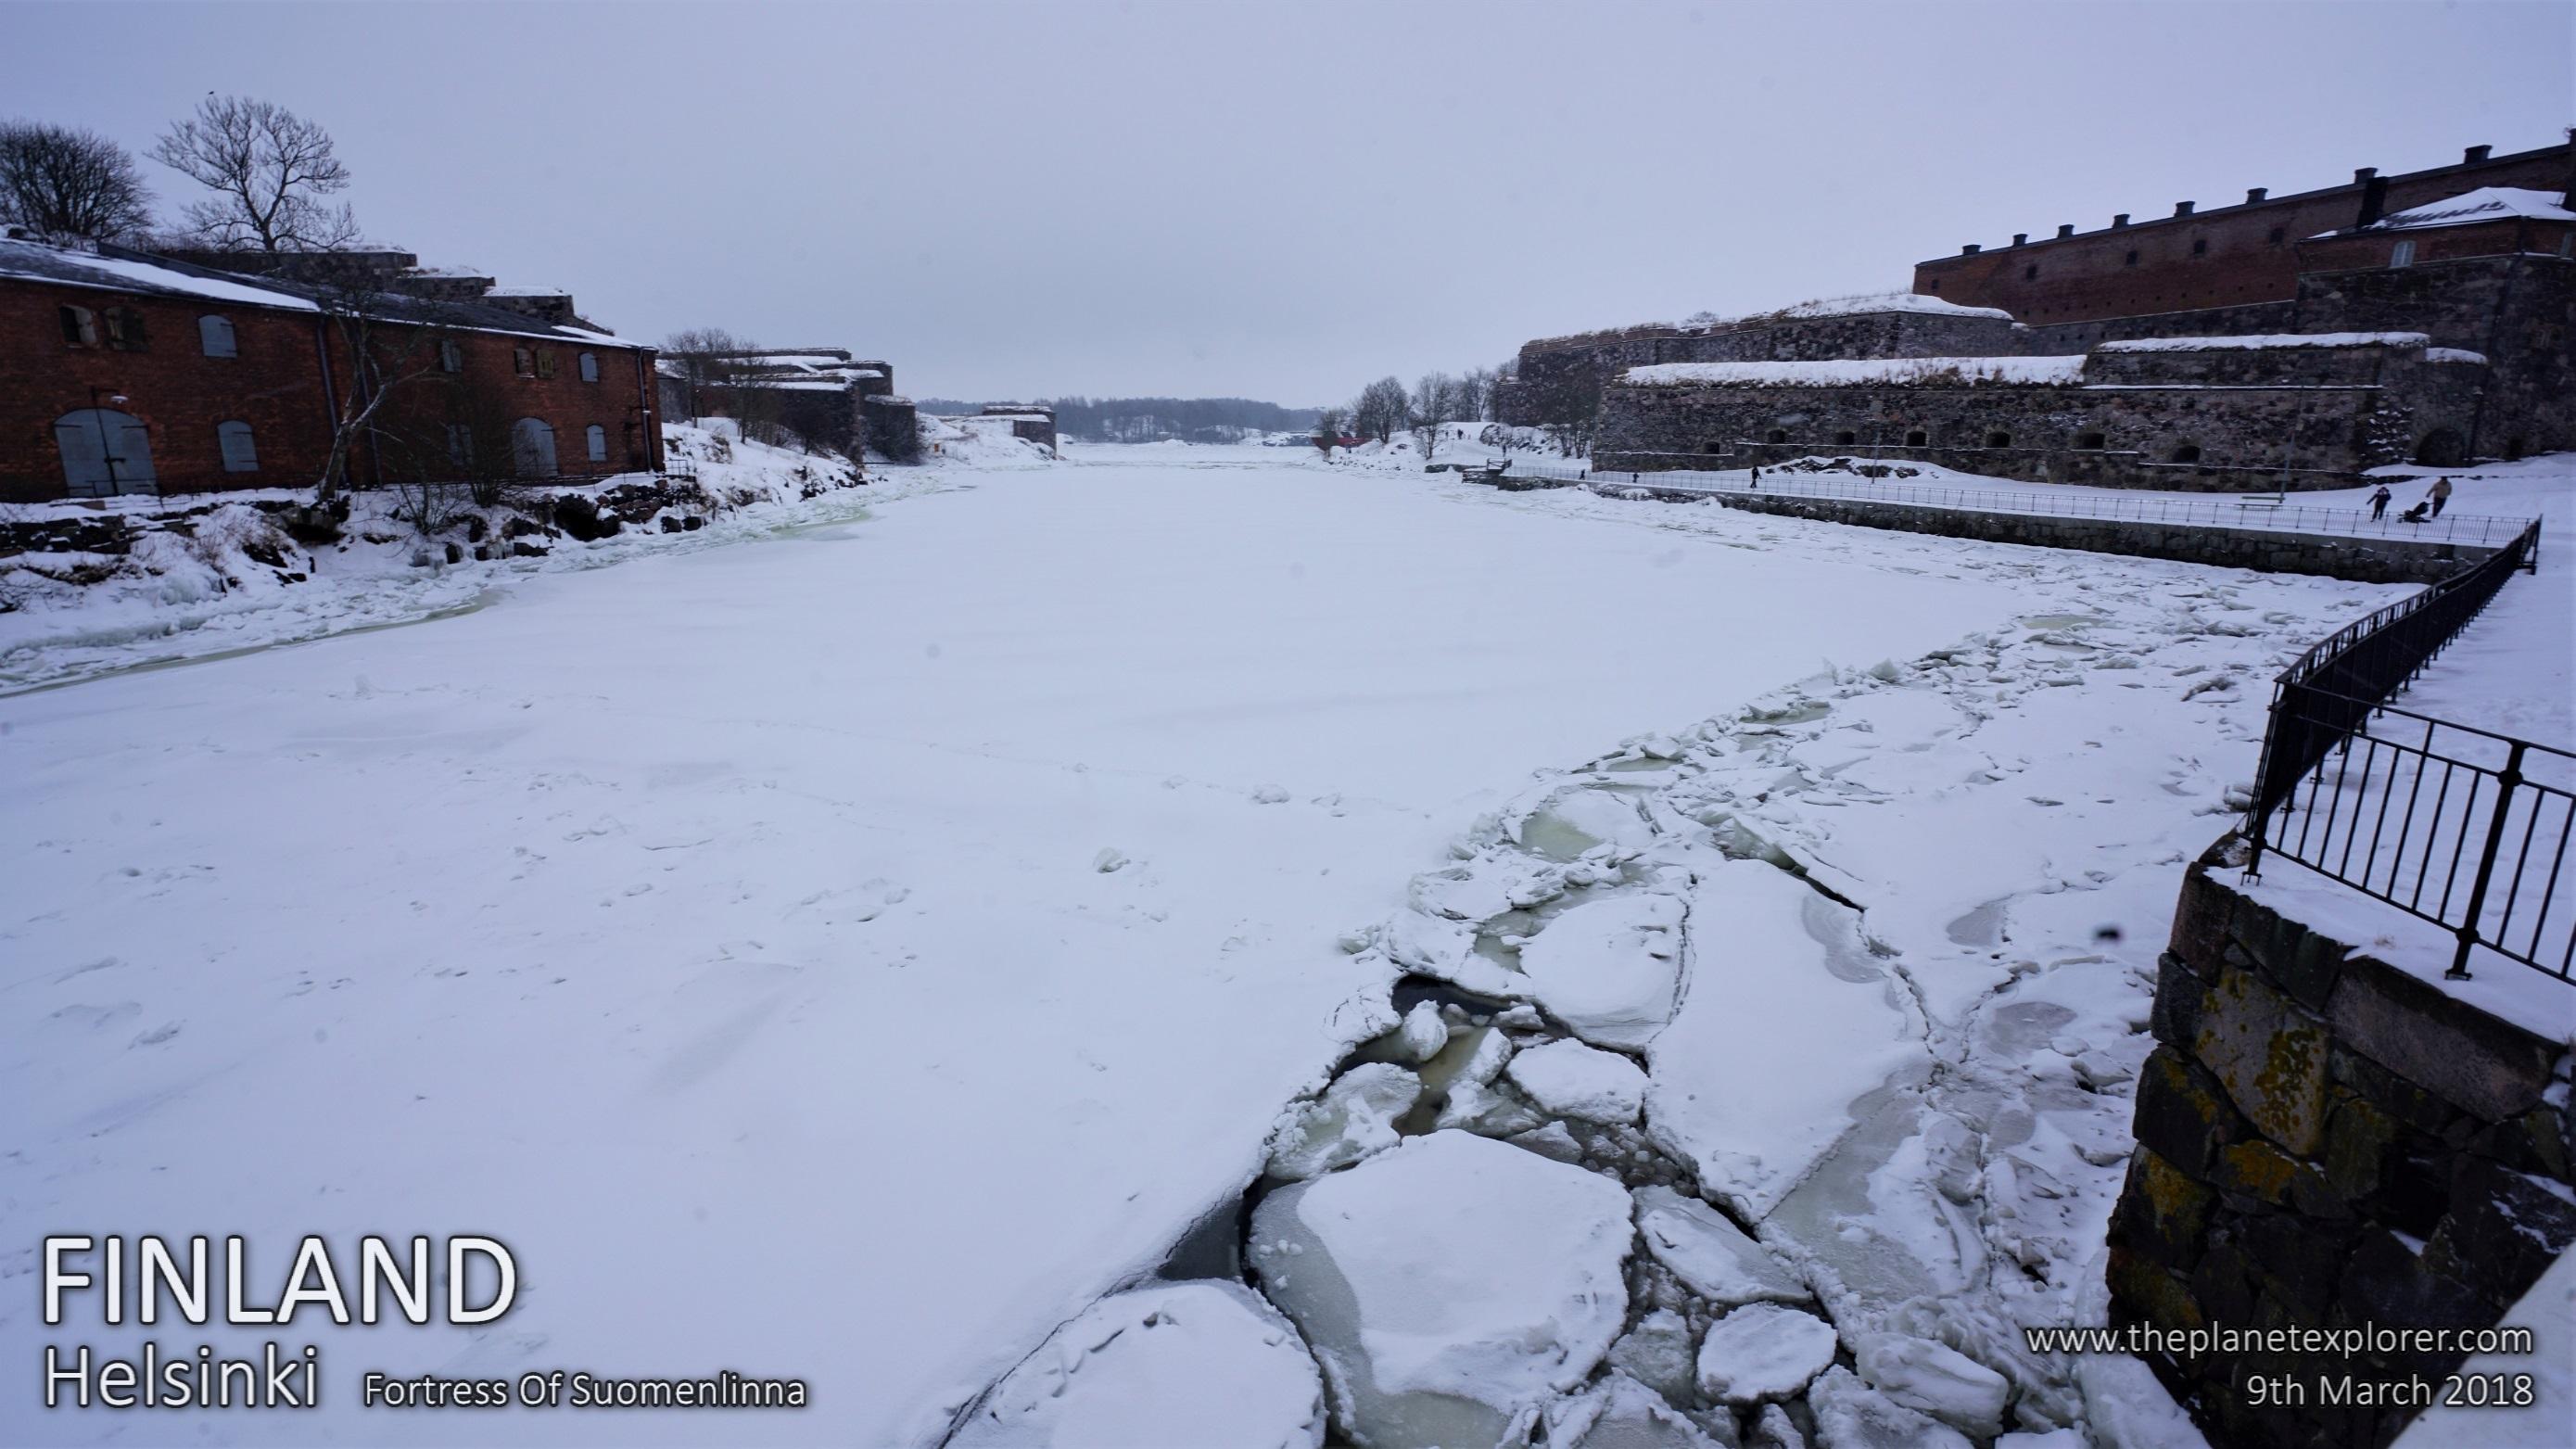 20180309_1202_Finland_Helsinki_Fortress Of Suomenlinna_DSC00195_Sony a7R2_LR_@www